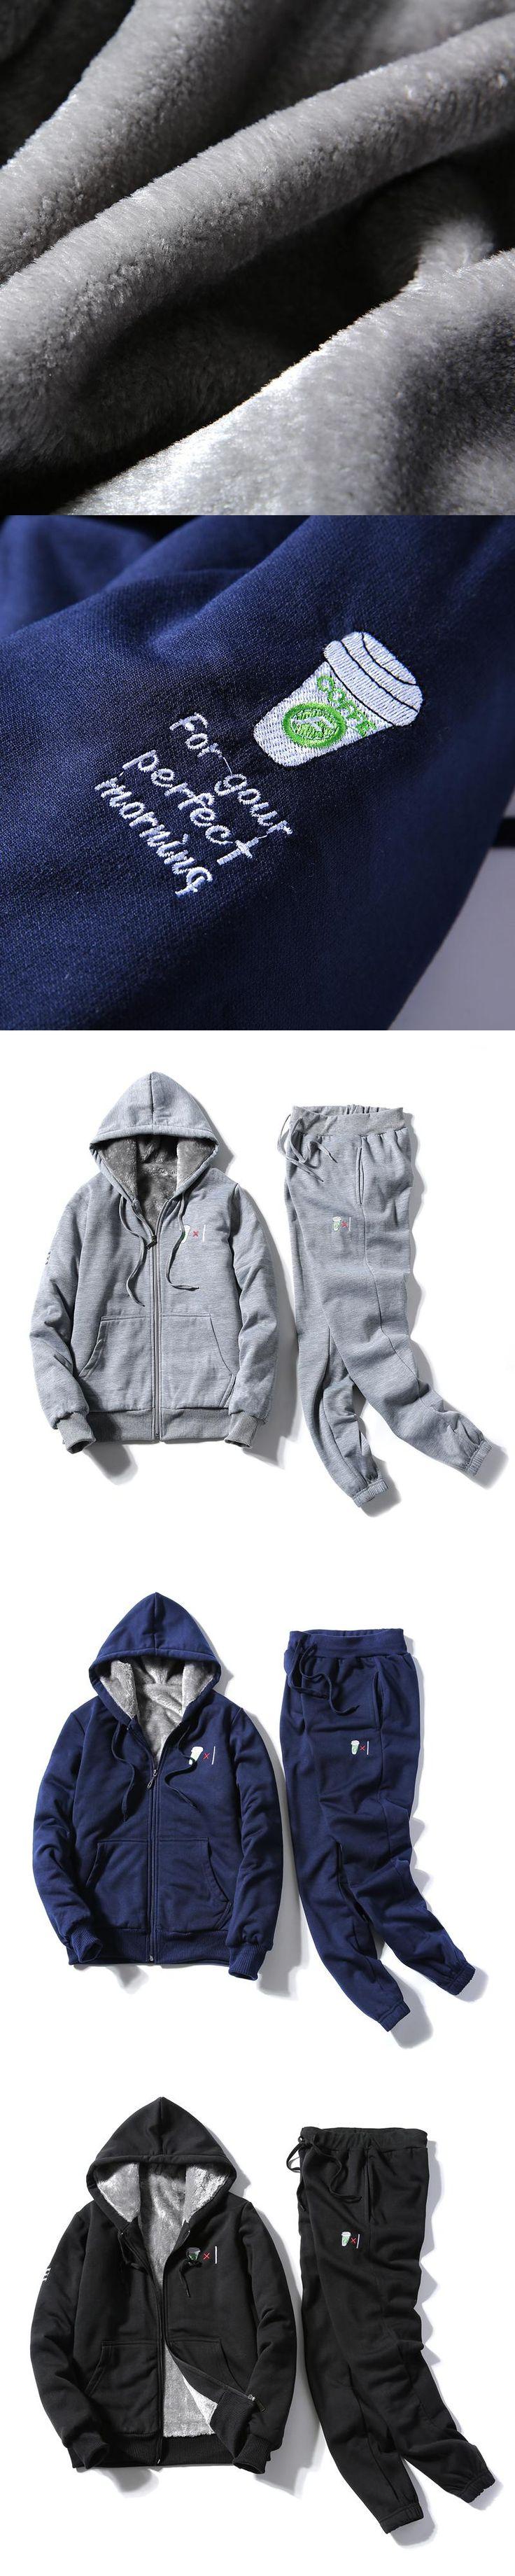 Warm Winter Hoodie Sweatshirt Branded Tracksuits Sportswear Men Mens Fleece 2pac Hoodie Pants Sportingsuit for Men Plus Size 4XL